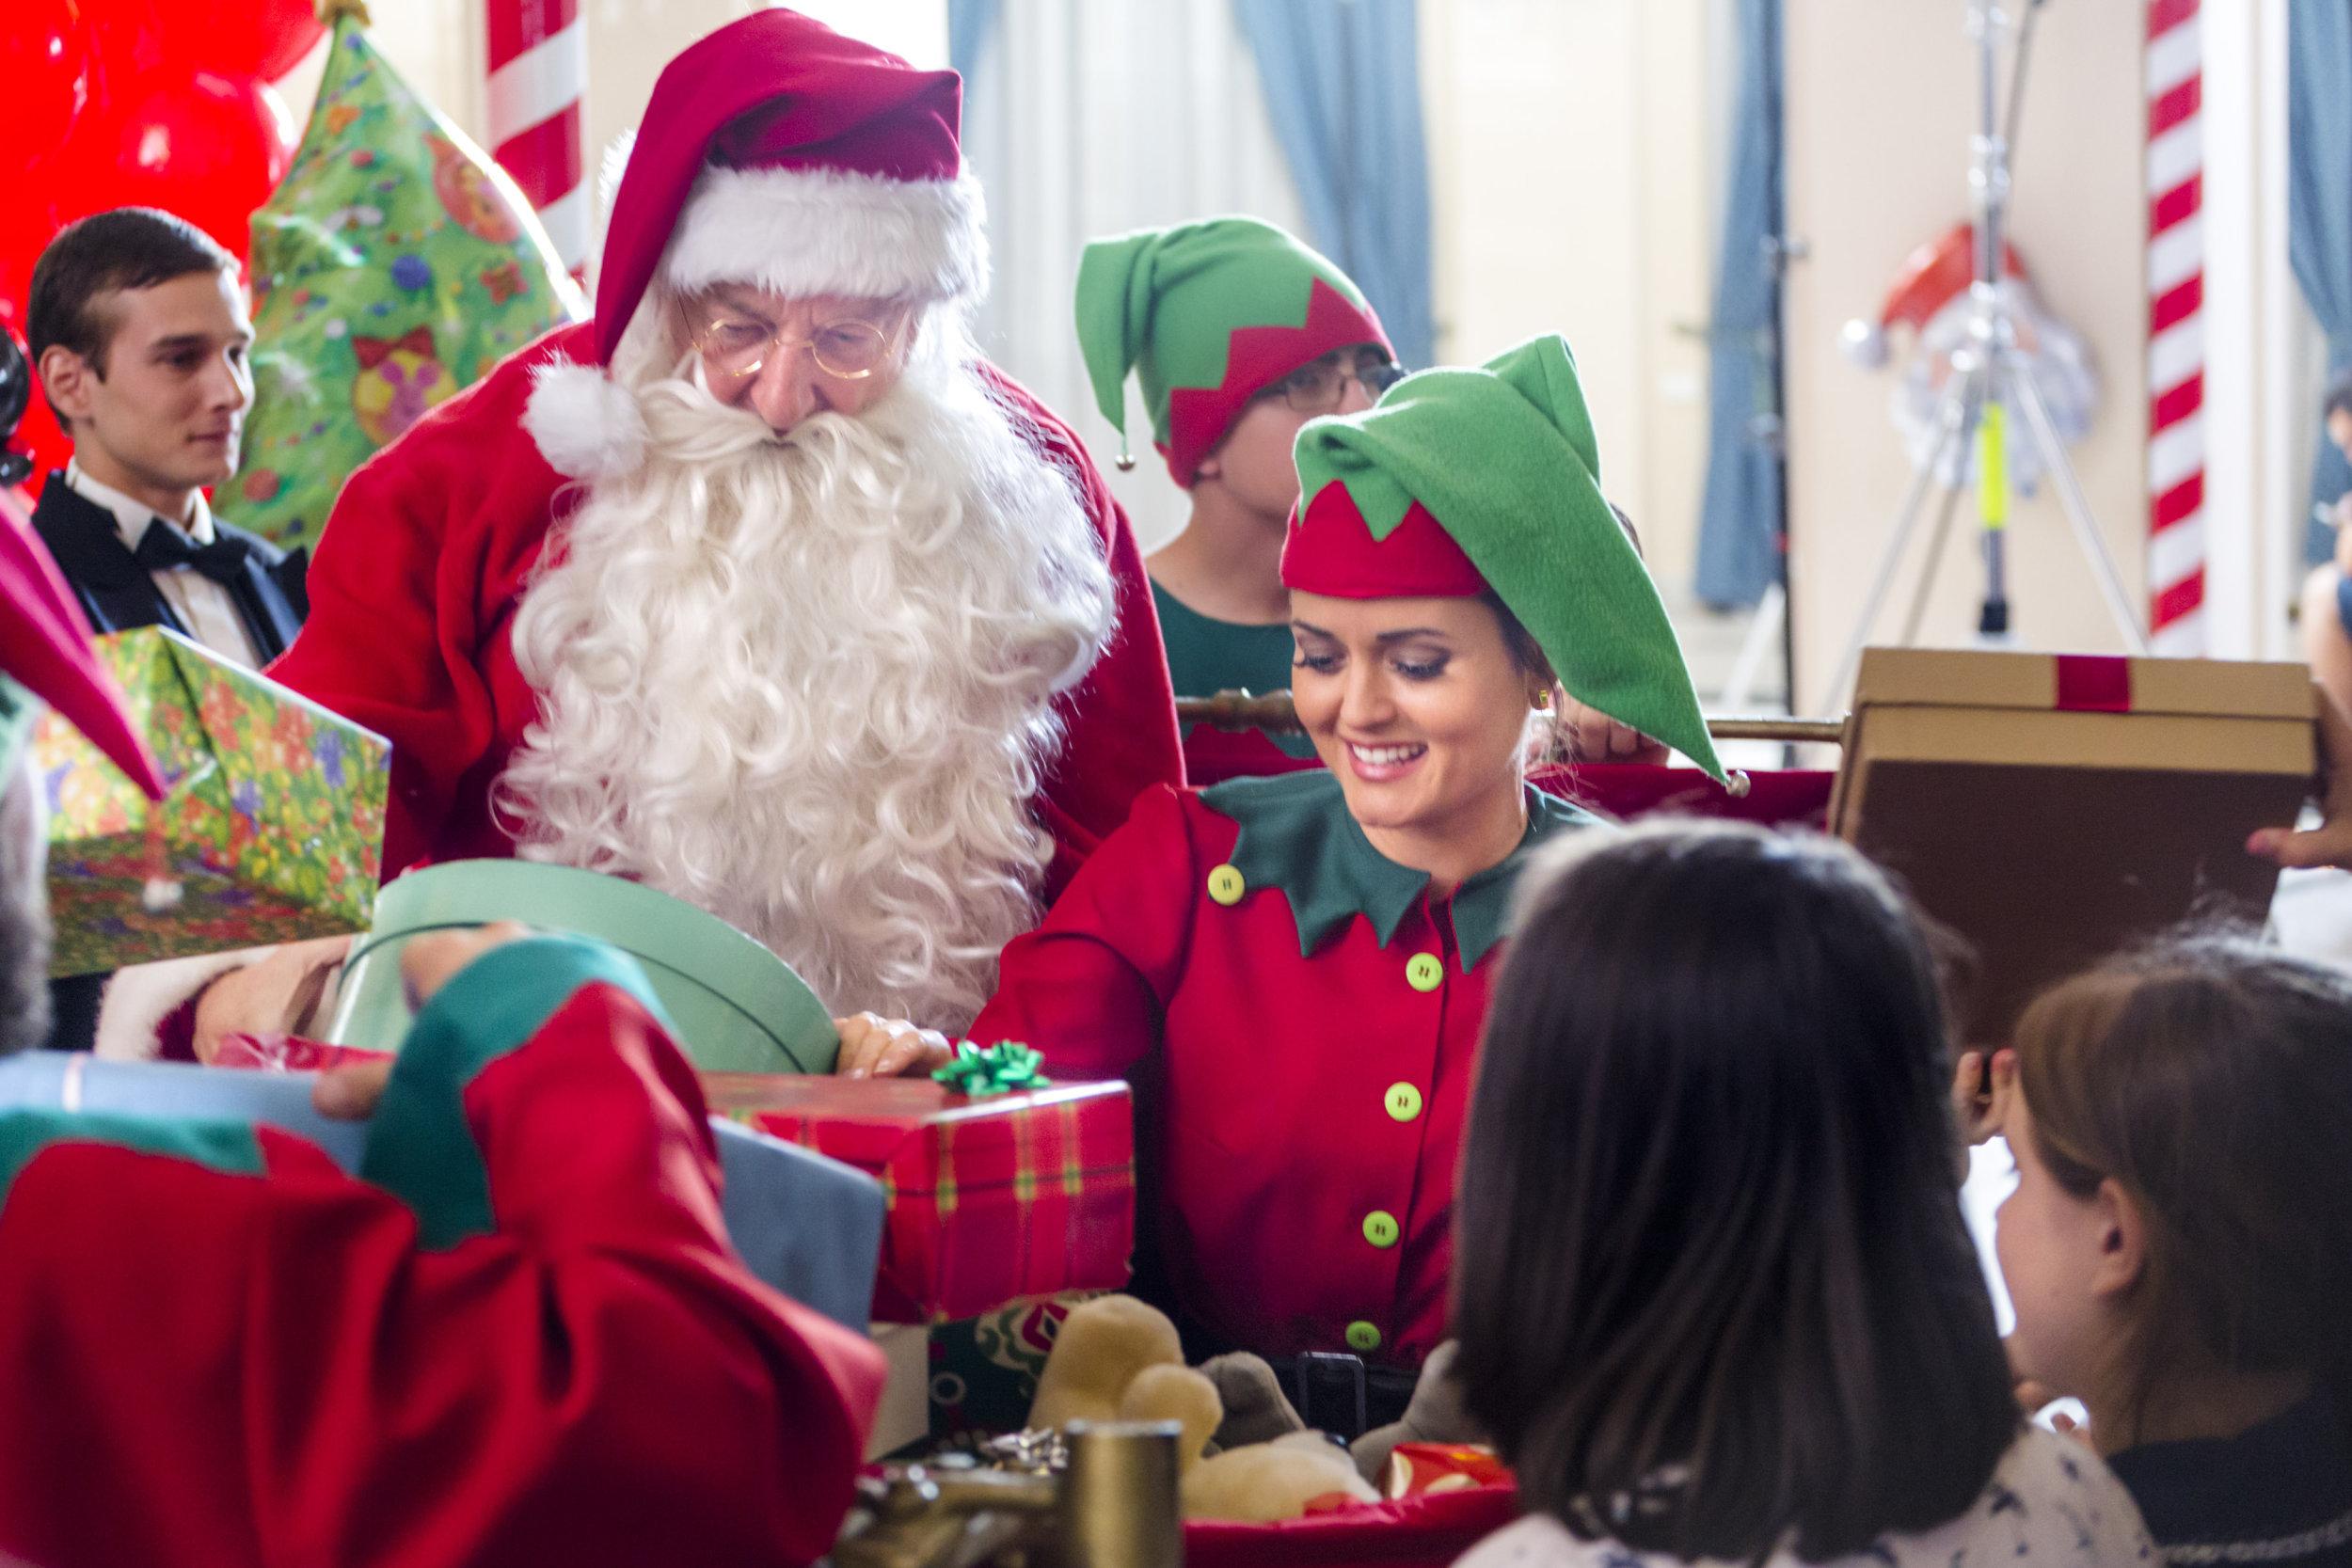 photos crown for christmas 17 hallmark channel - Hallmark Christmas 2015